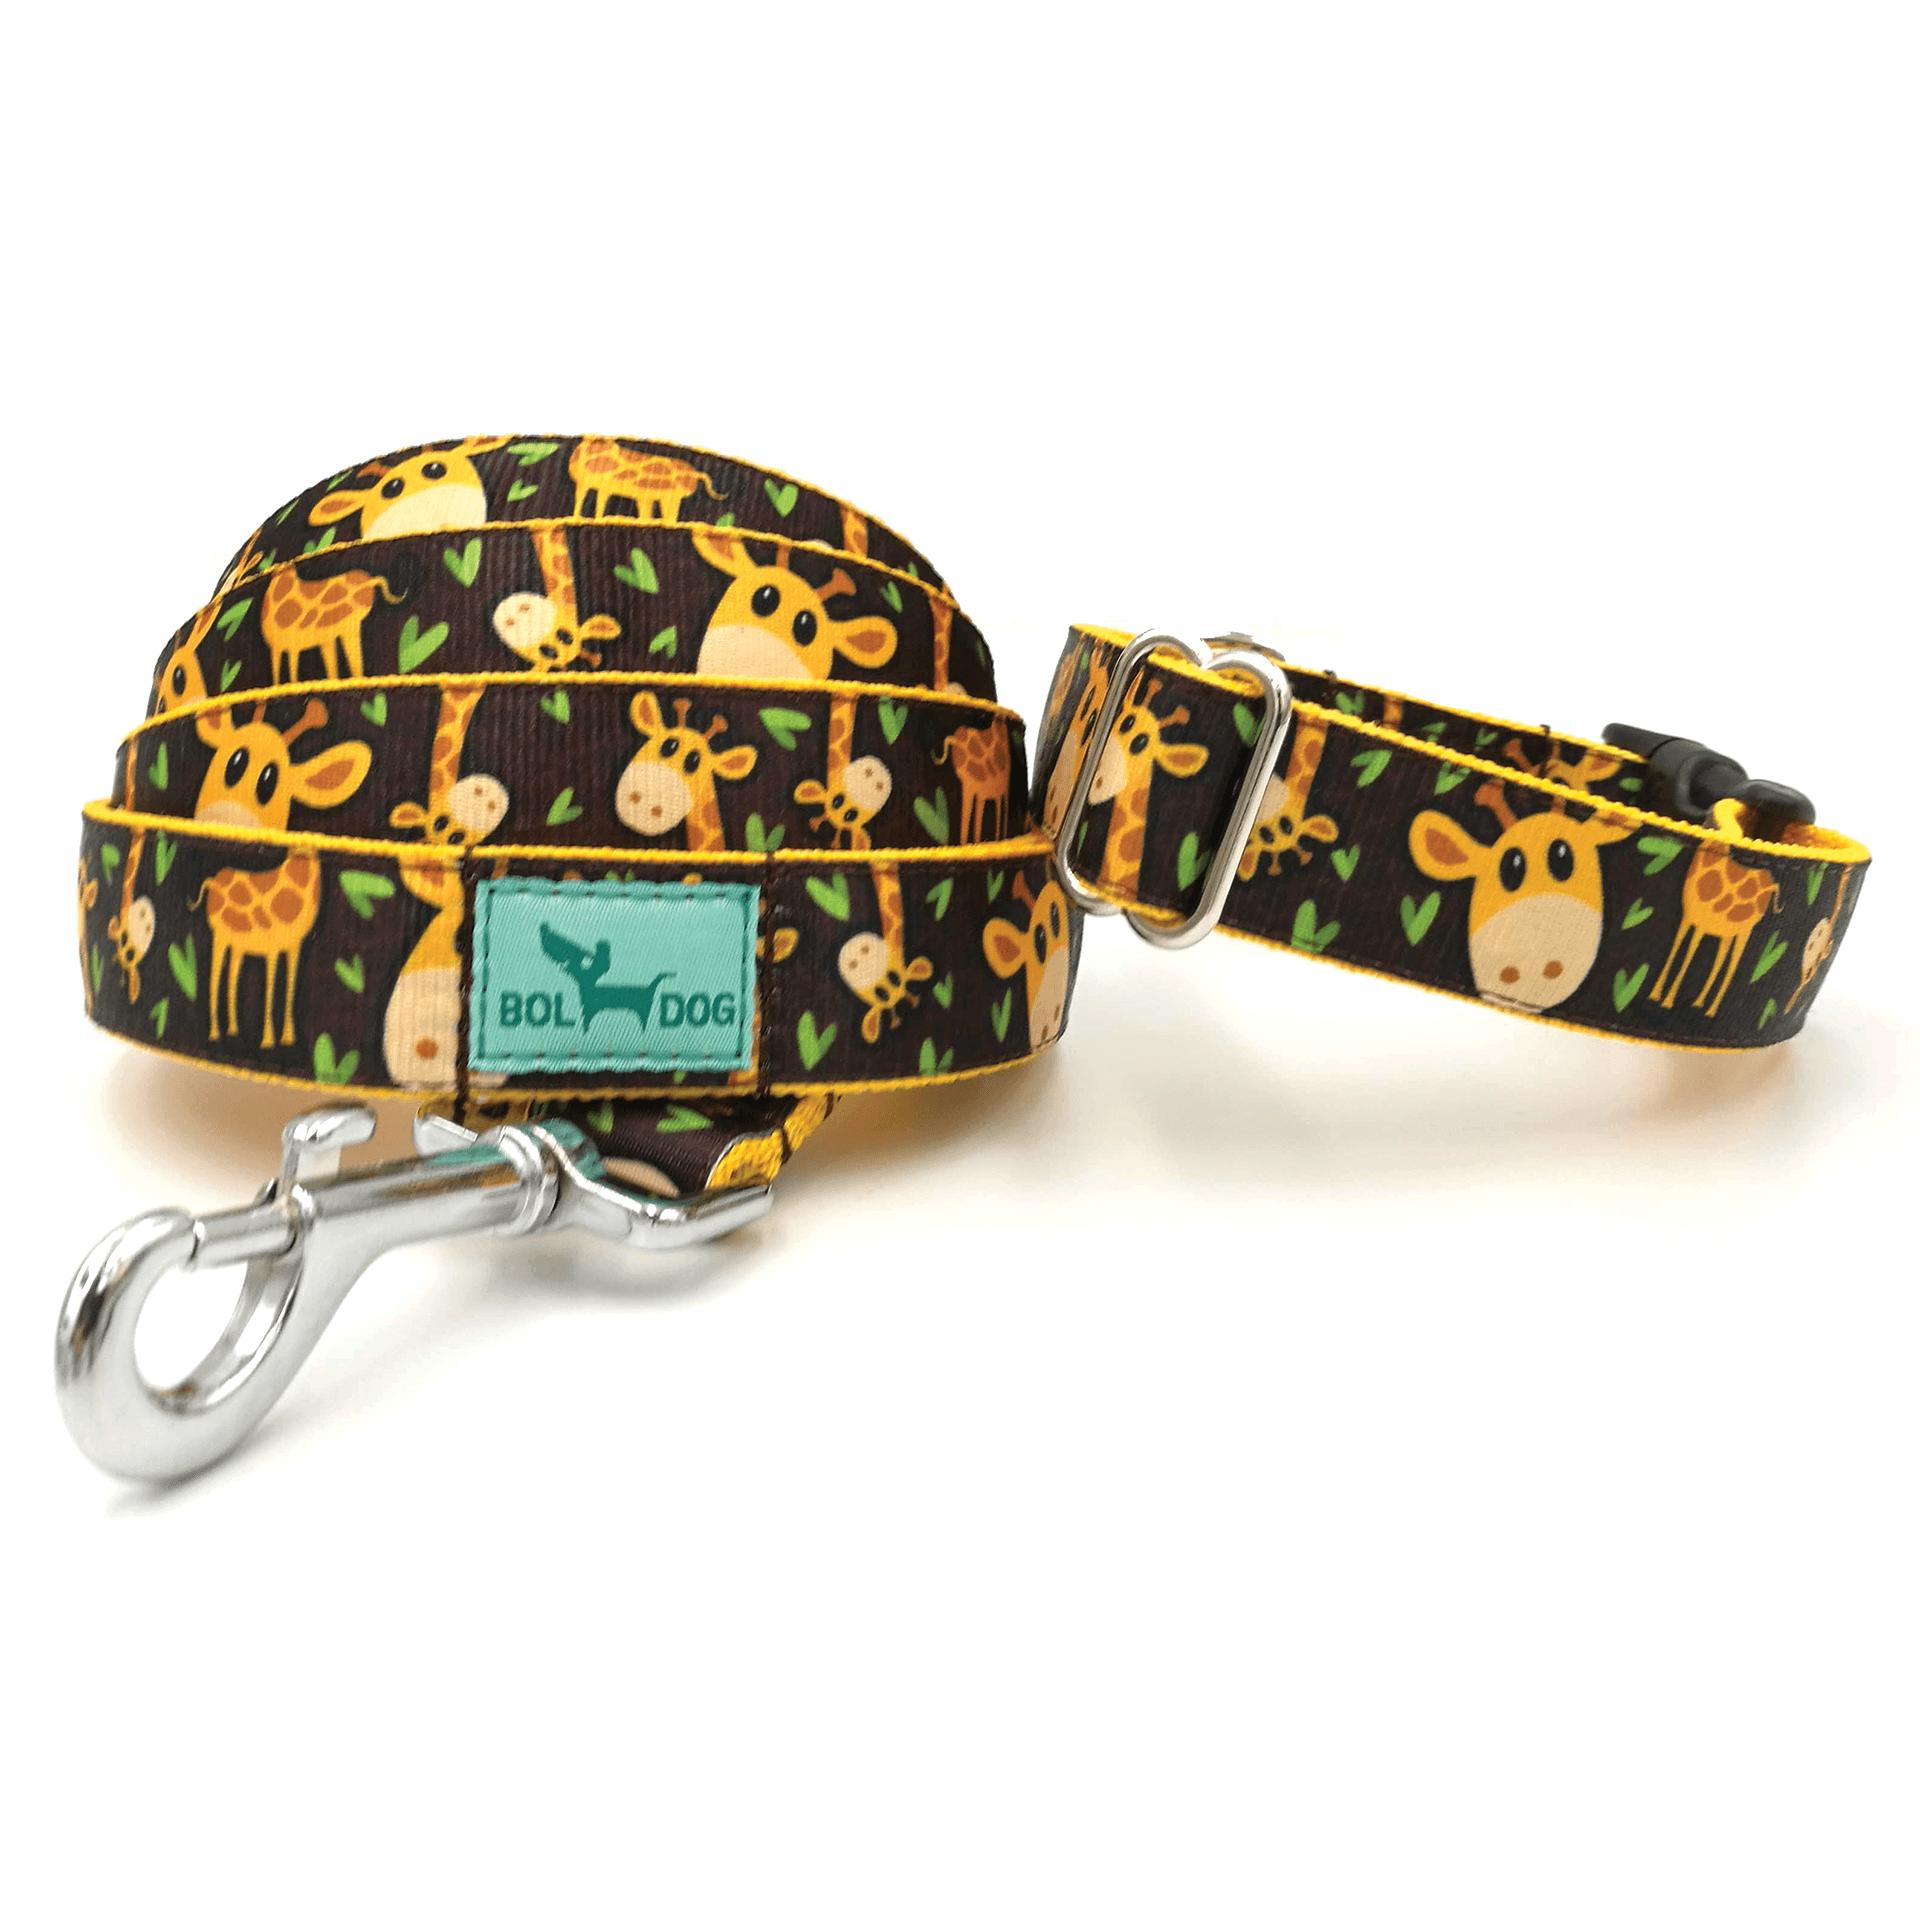 Giraffe pattern dog collar and leash Bol-Dog